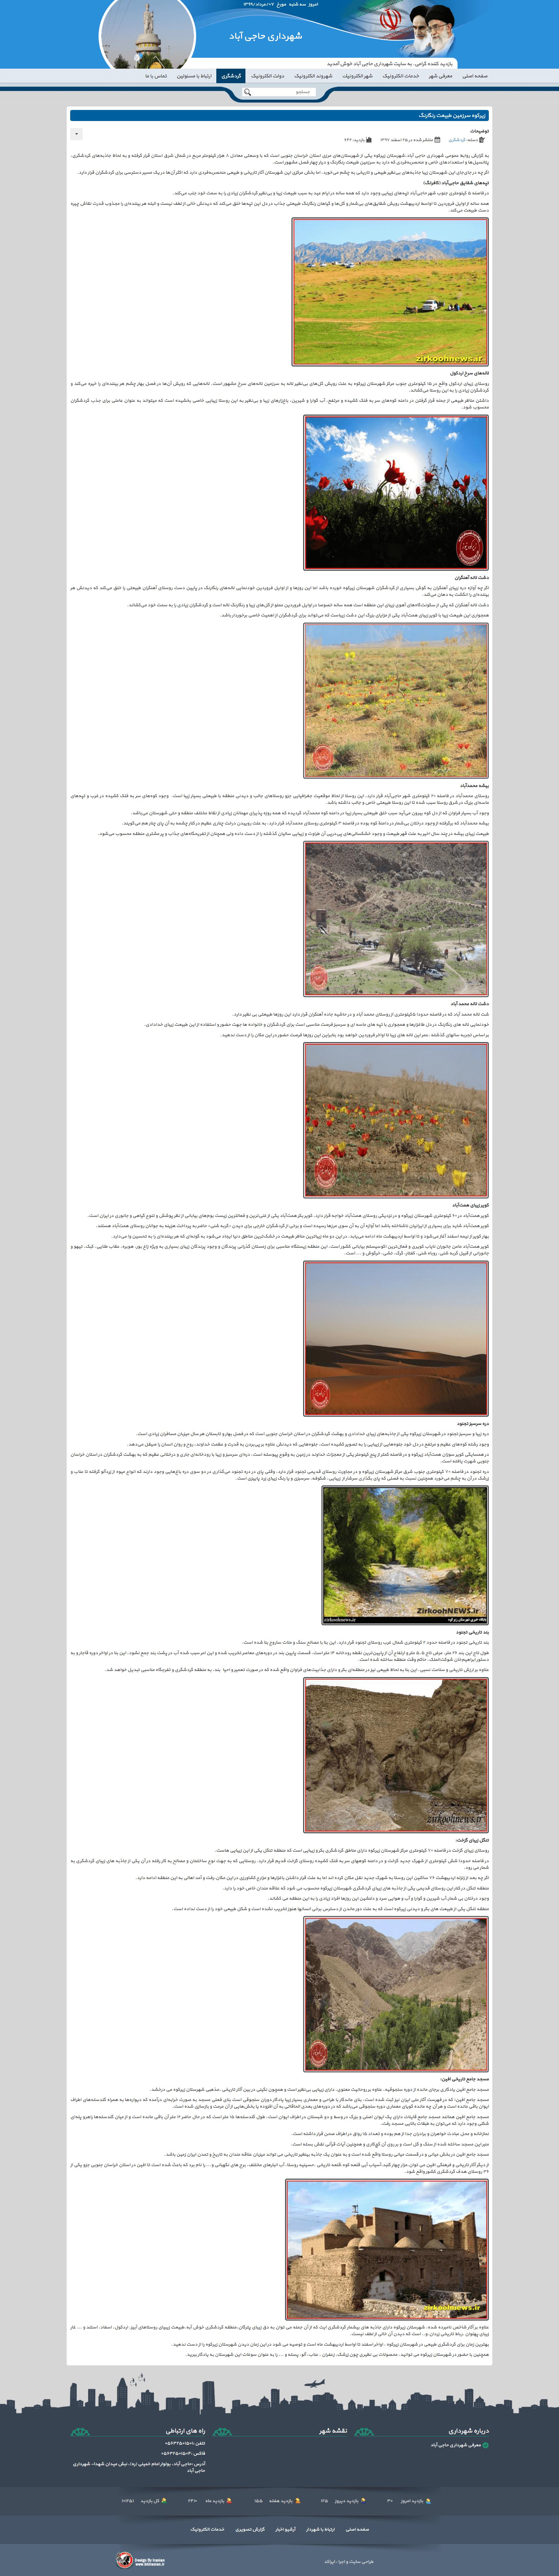 صفحه جاذبه های گردشگری سایت شهرداری حاجی آباد